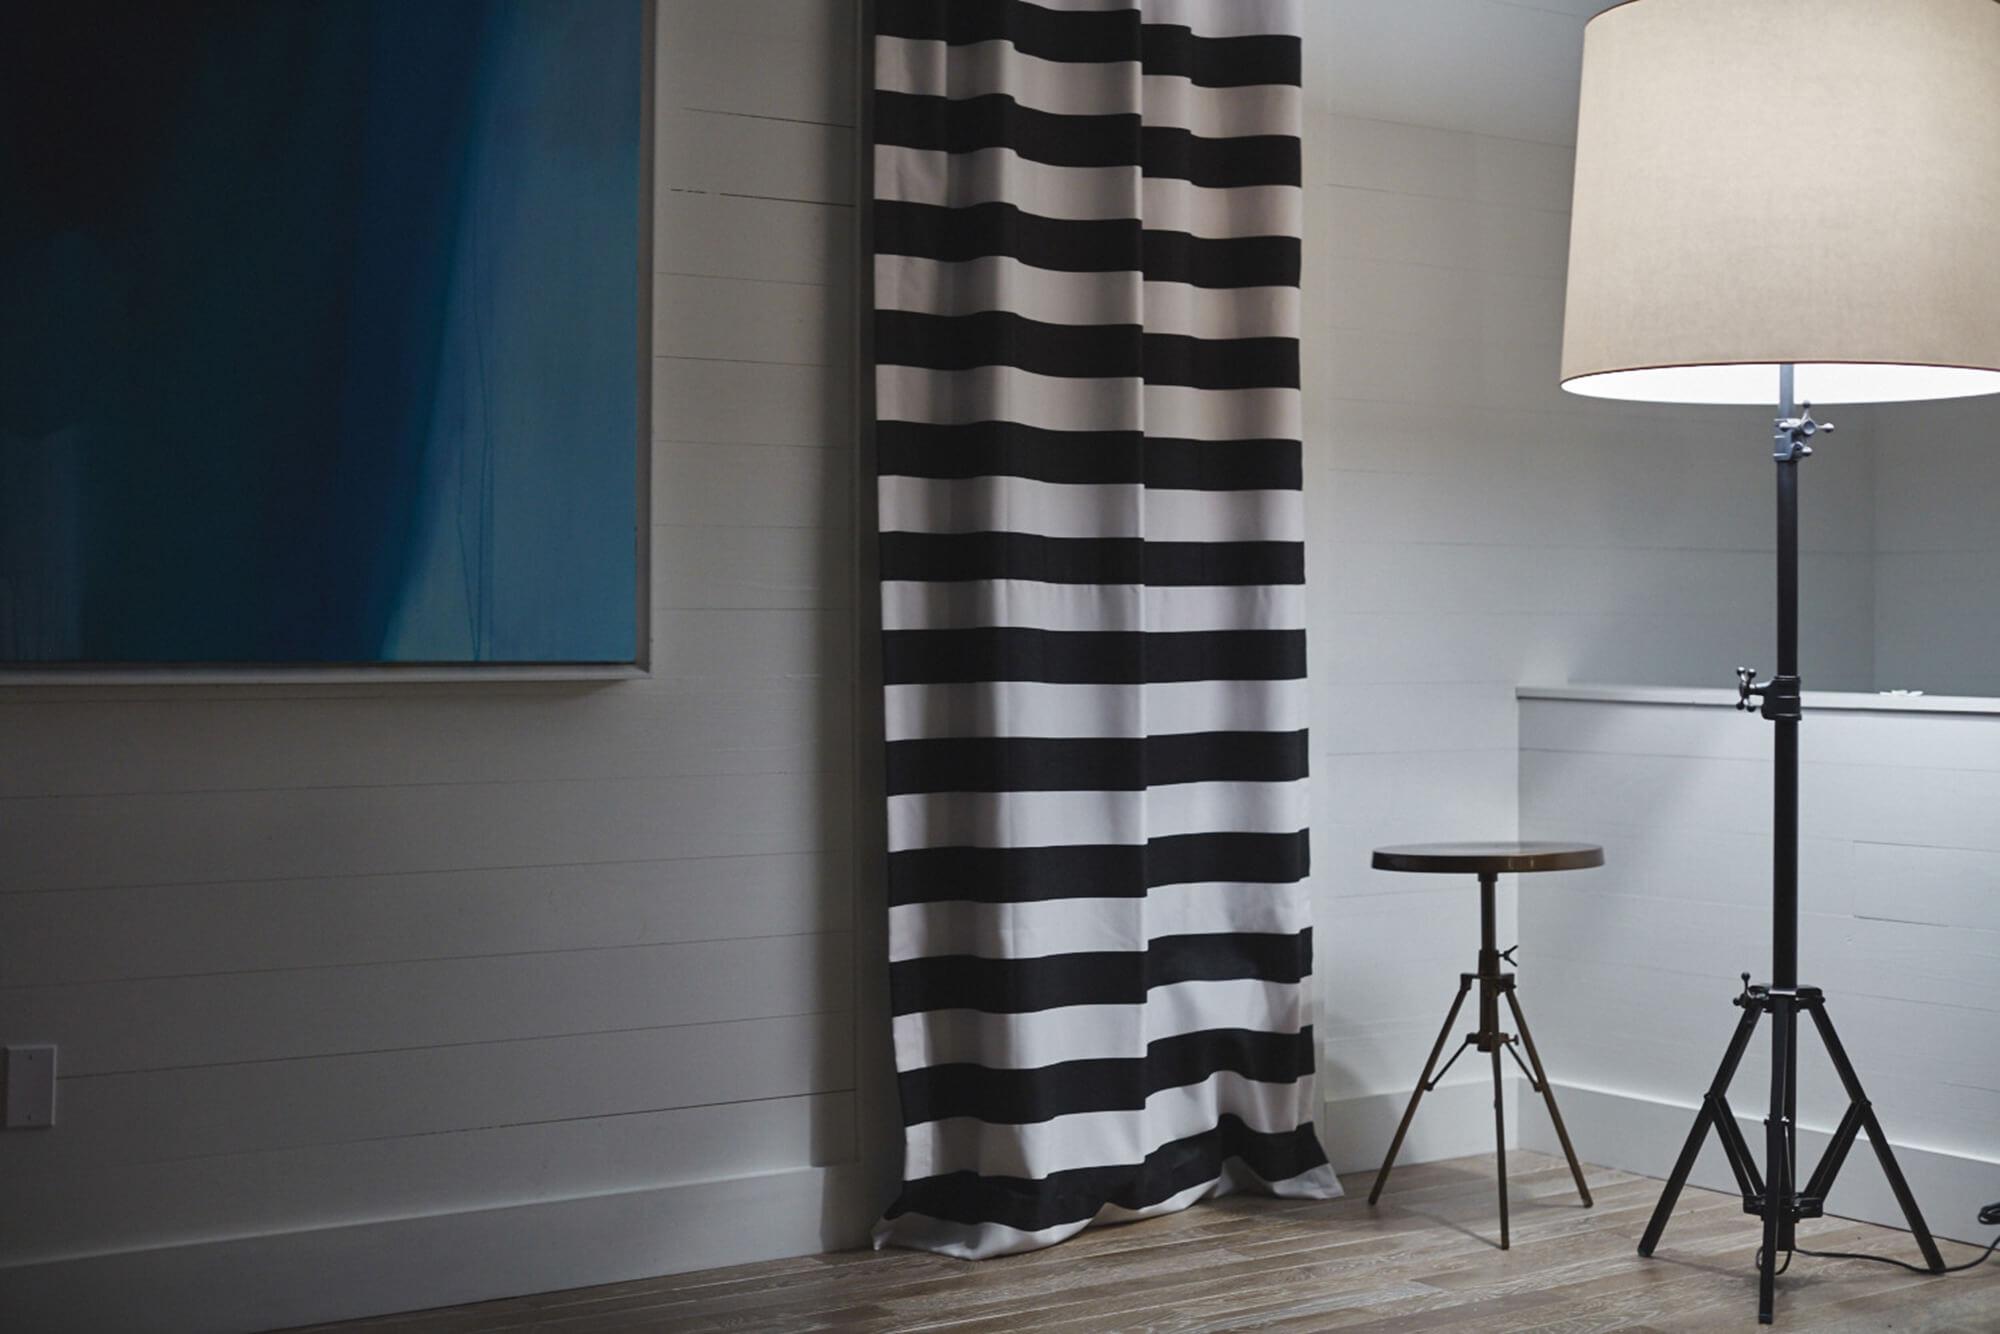 Un soggiorno guadagna un aspetto audace grazie alle sue tende a strisce bianche e nere